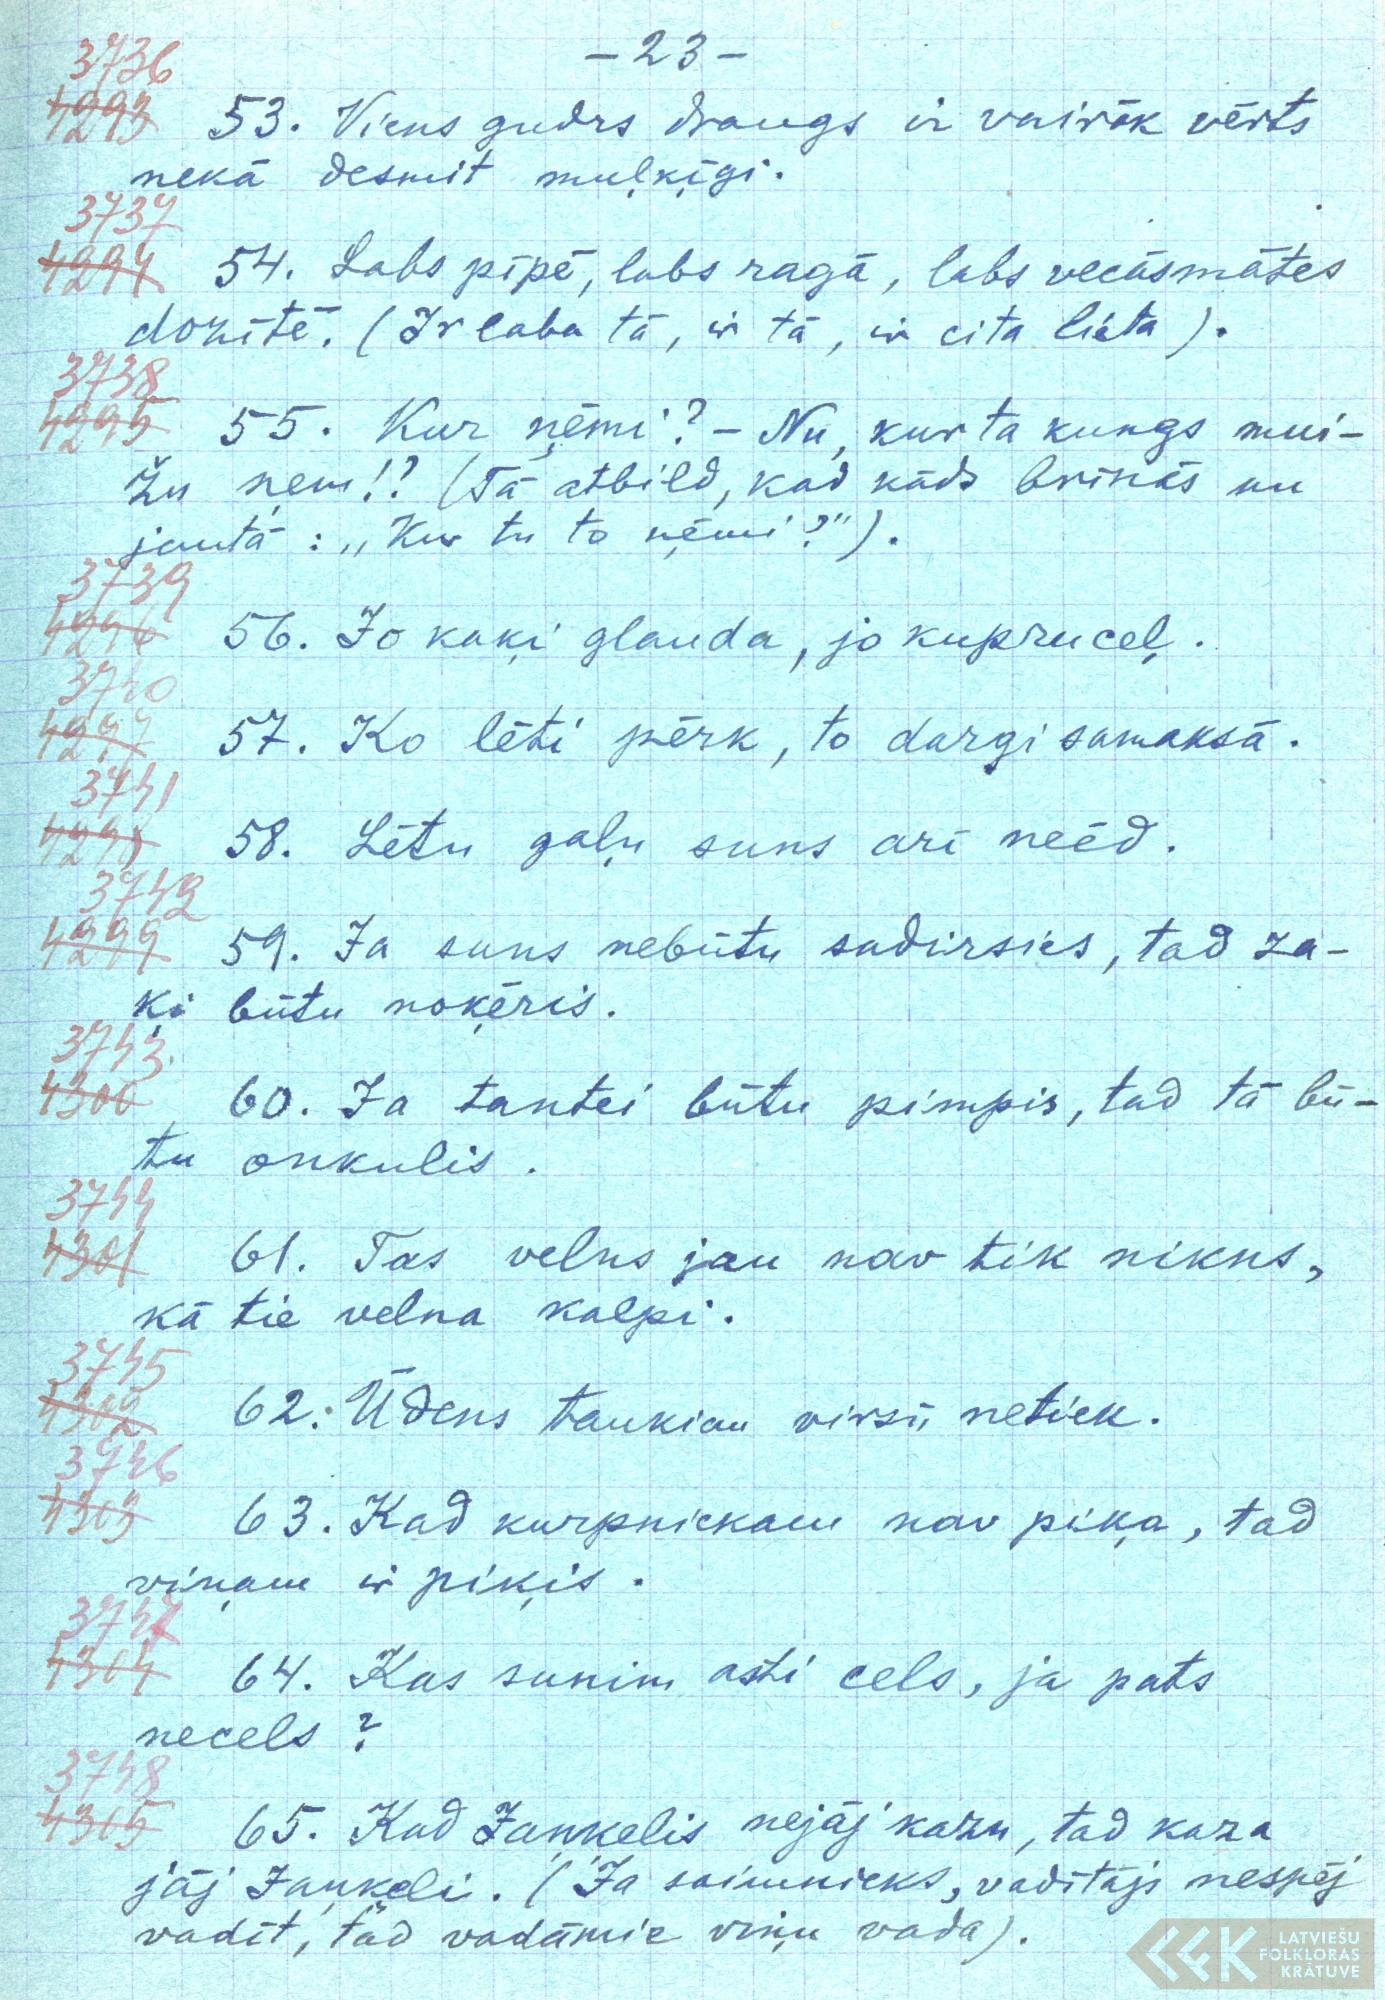 1880-zinatniska-ekspedicija-Bauska-09-0127